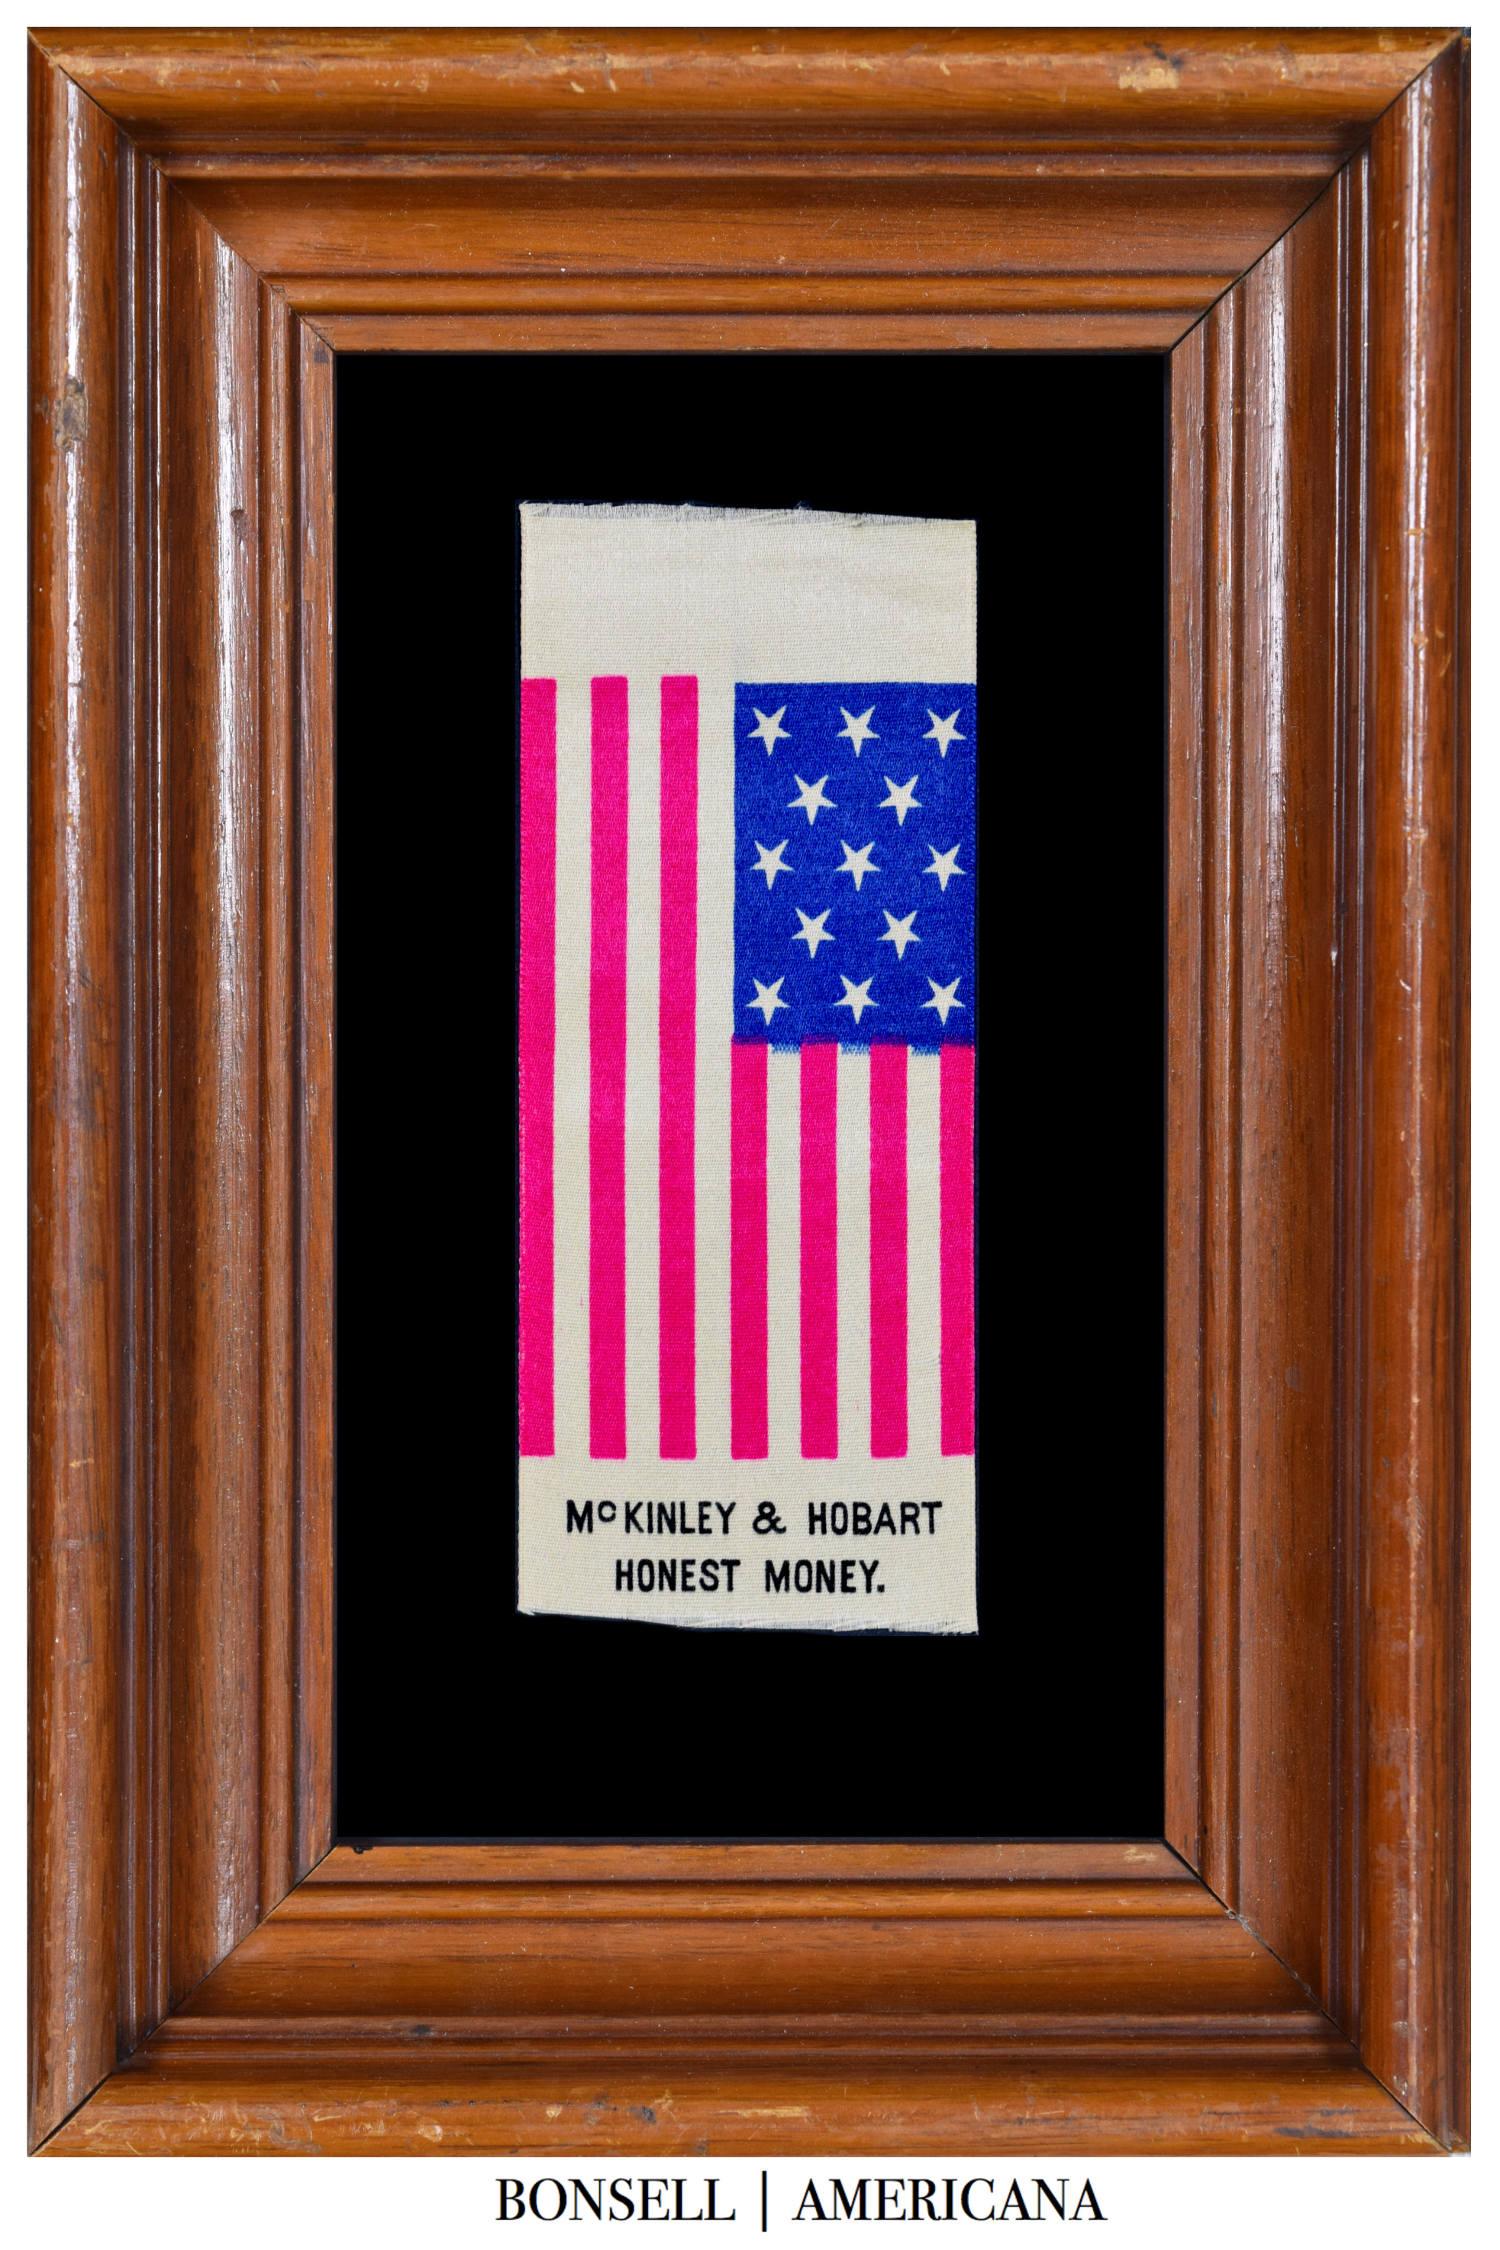 McKinley & Hobert Honest Money Flag Ribbon